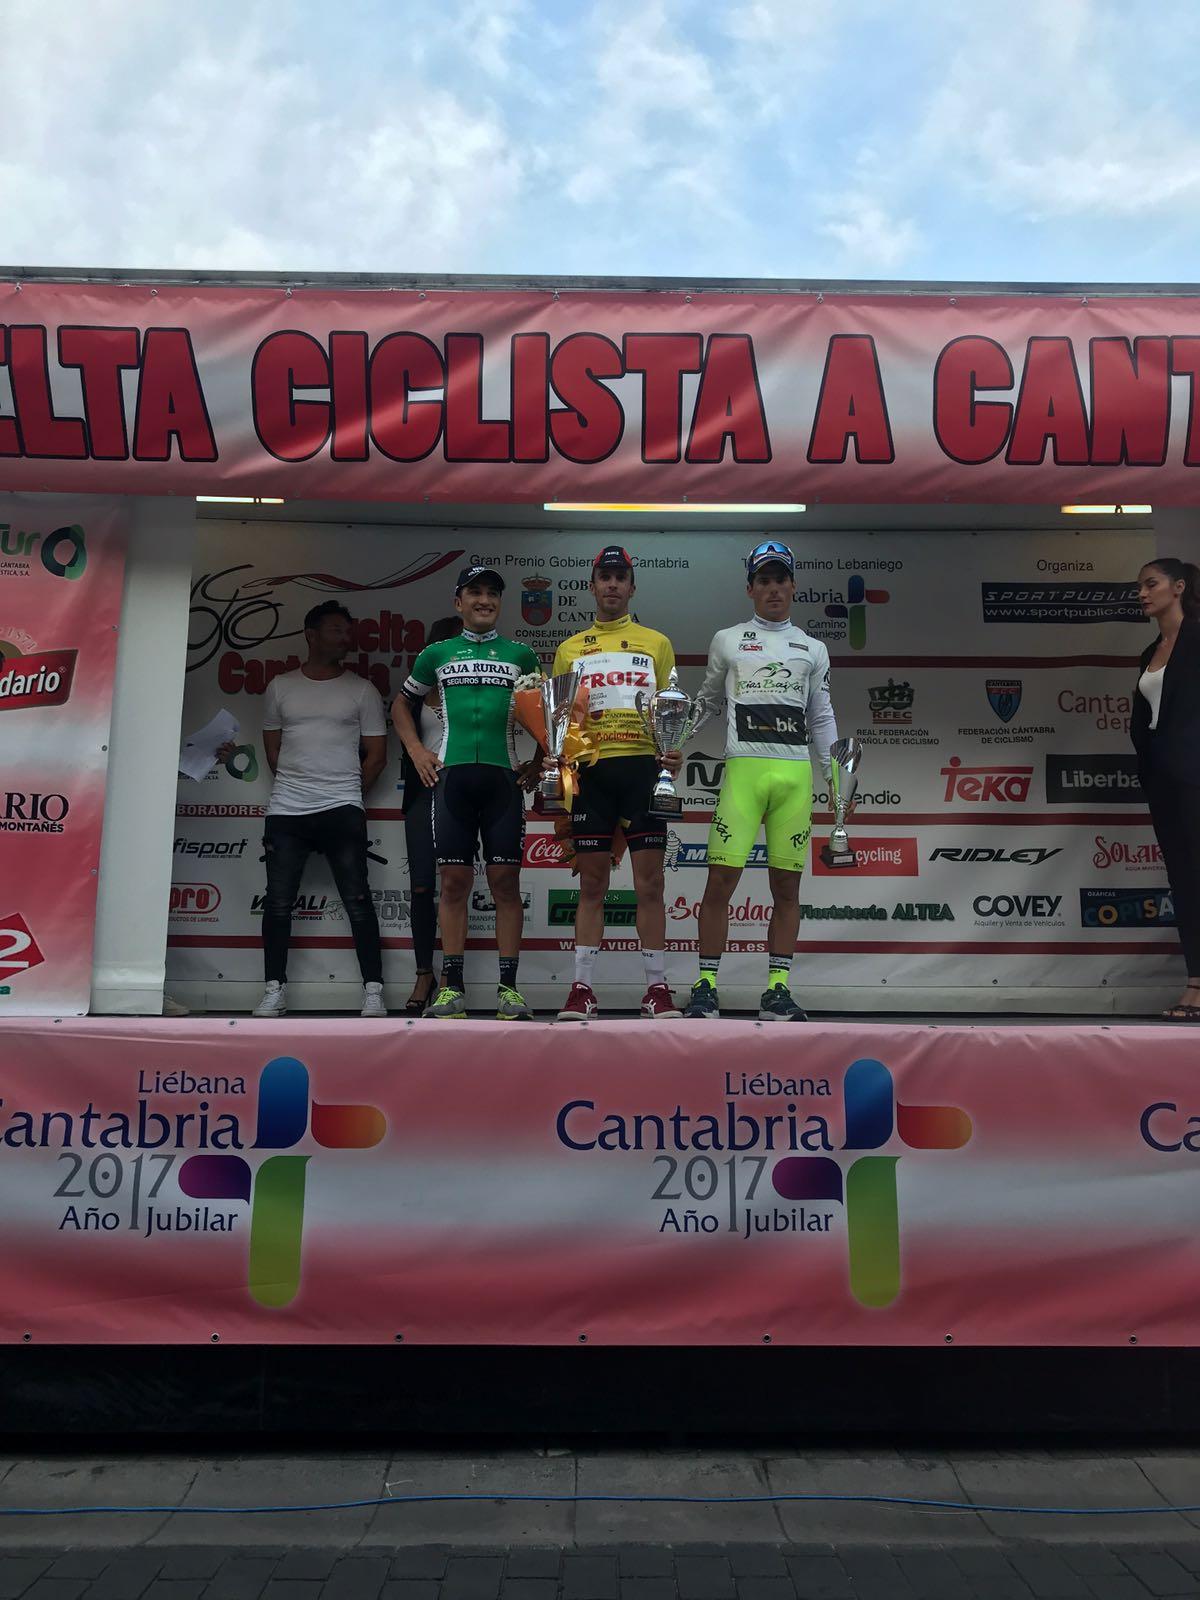 Podium Cantabria